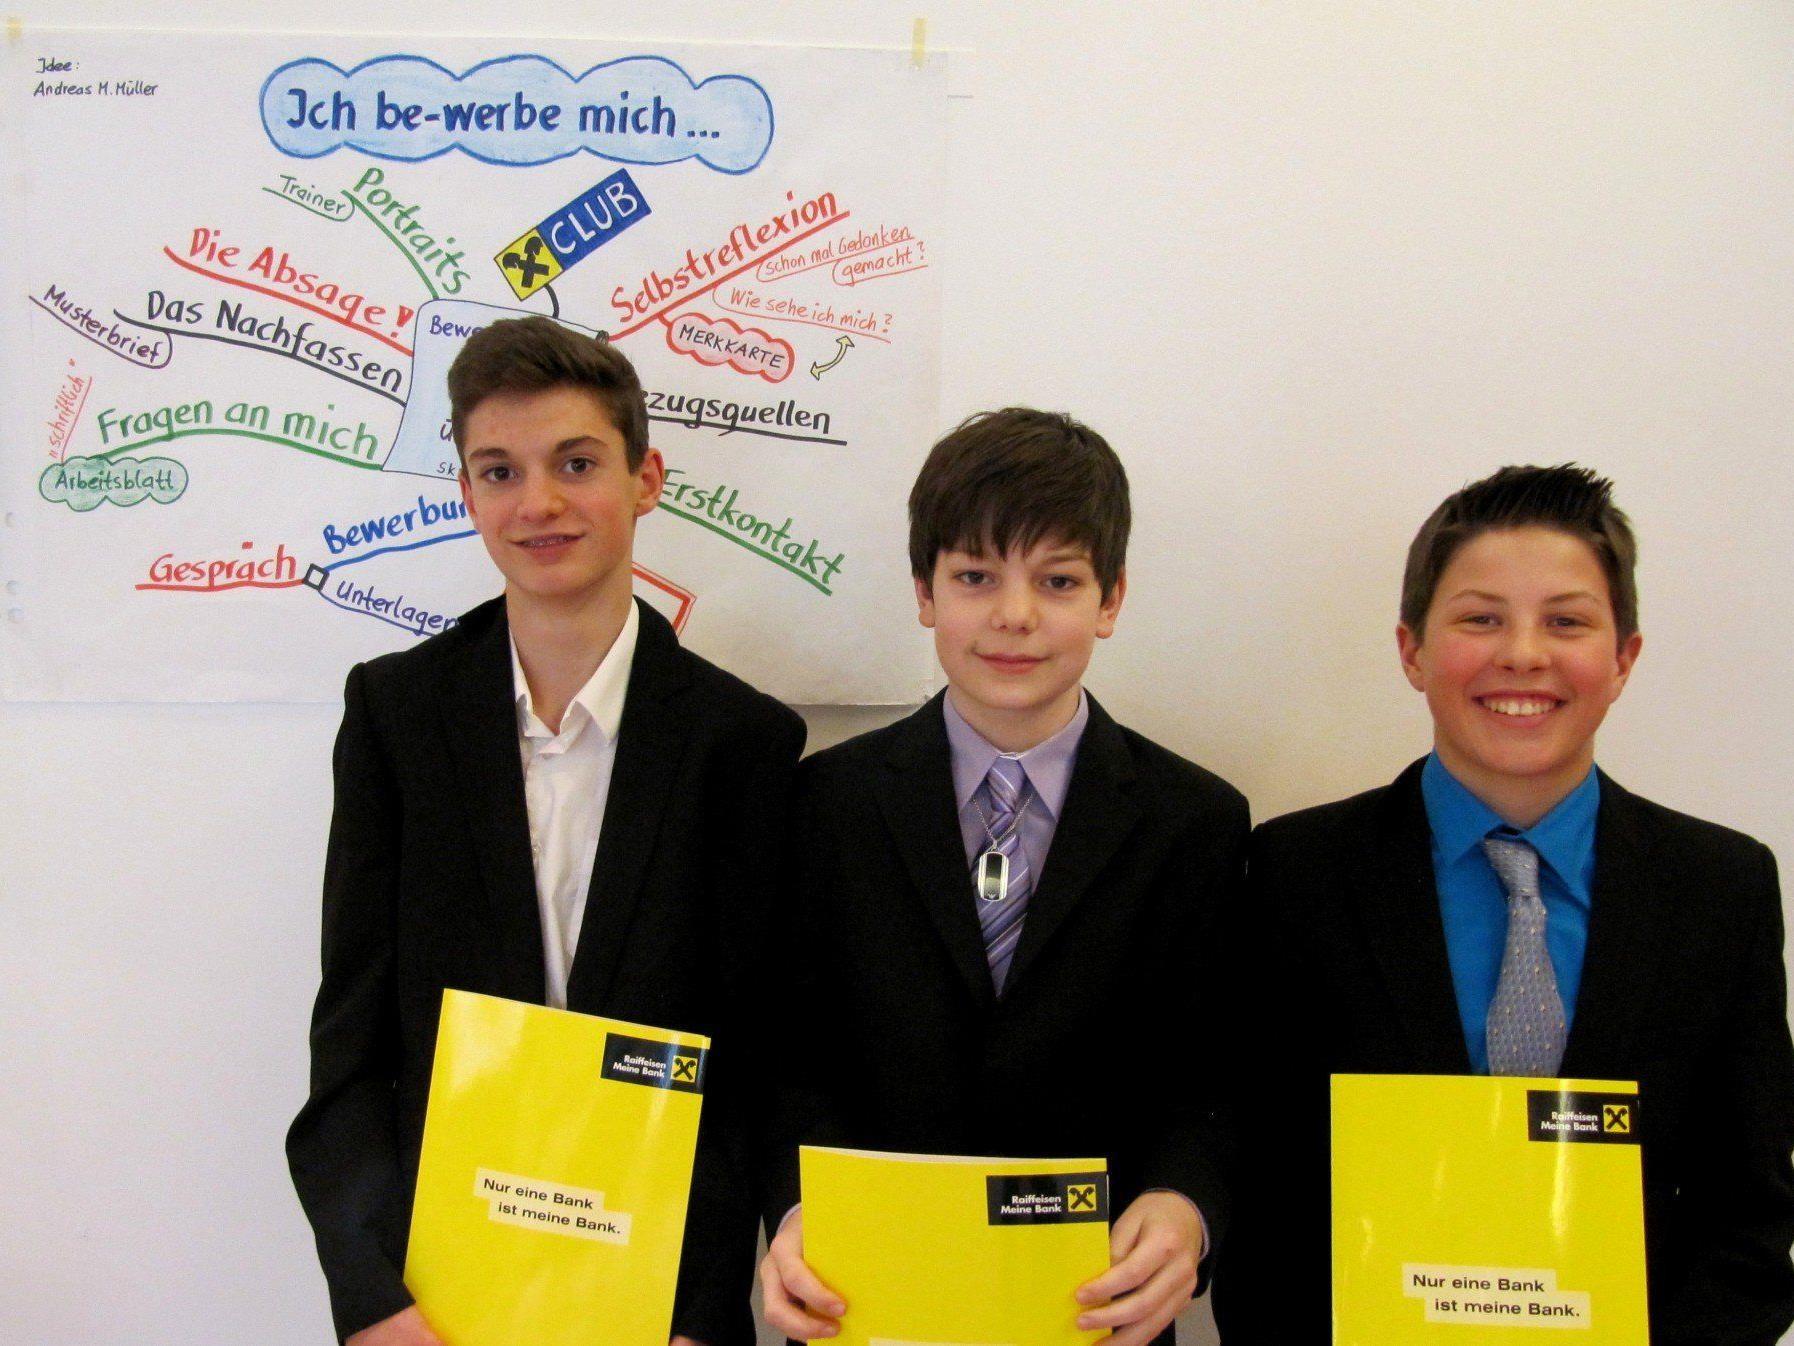 Professionelles Raiffeisen-Bewerbungsseminar für die 4. Klassen der Vorarlberger Mittelschule Hörbranz.